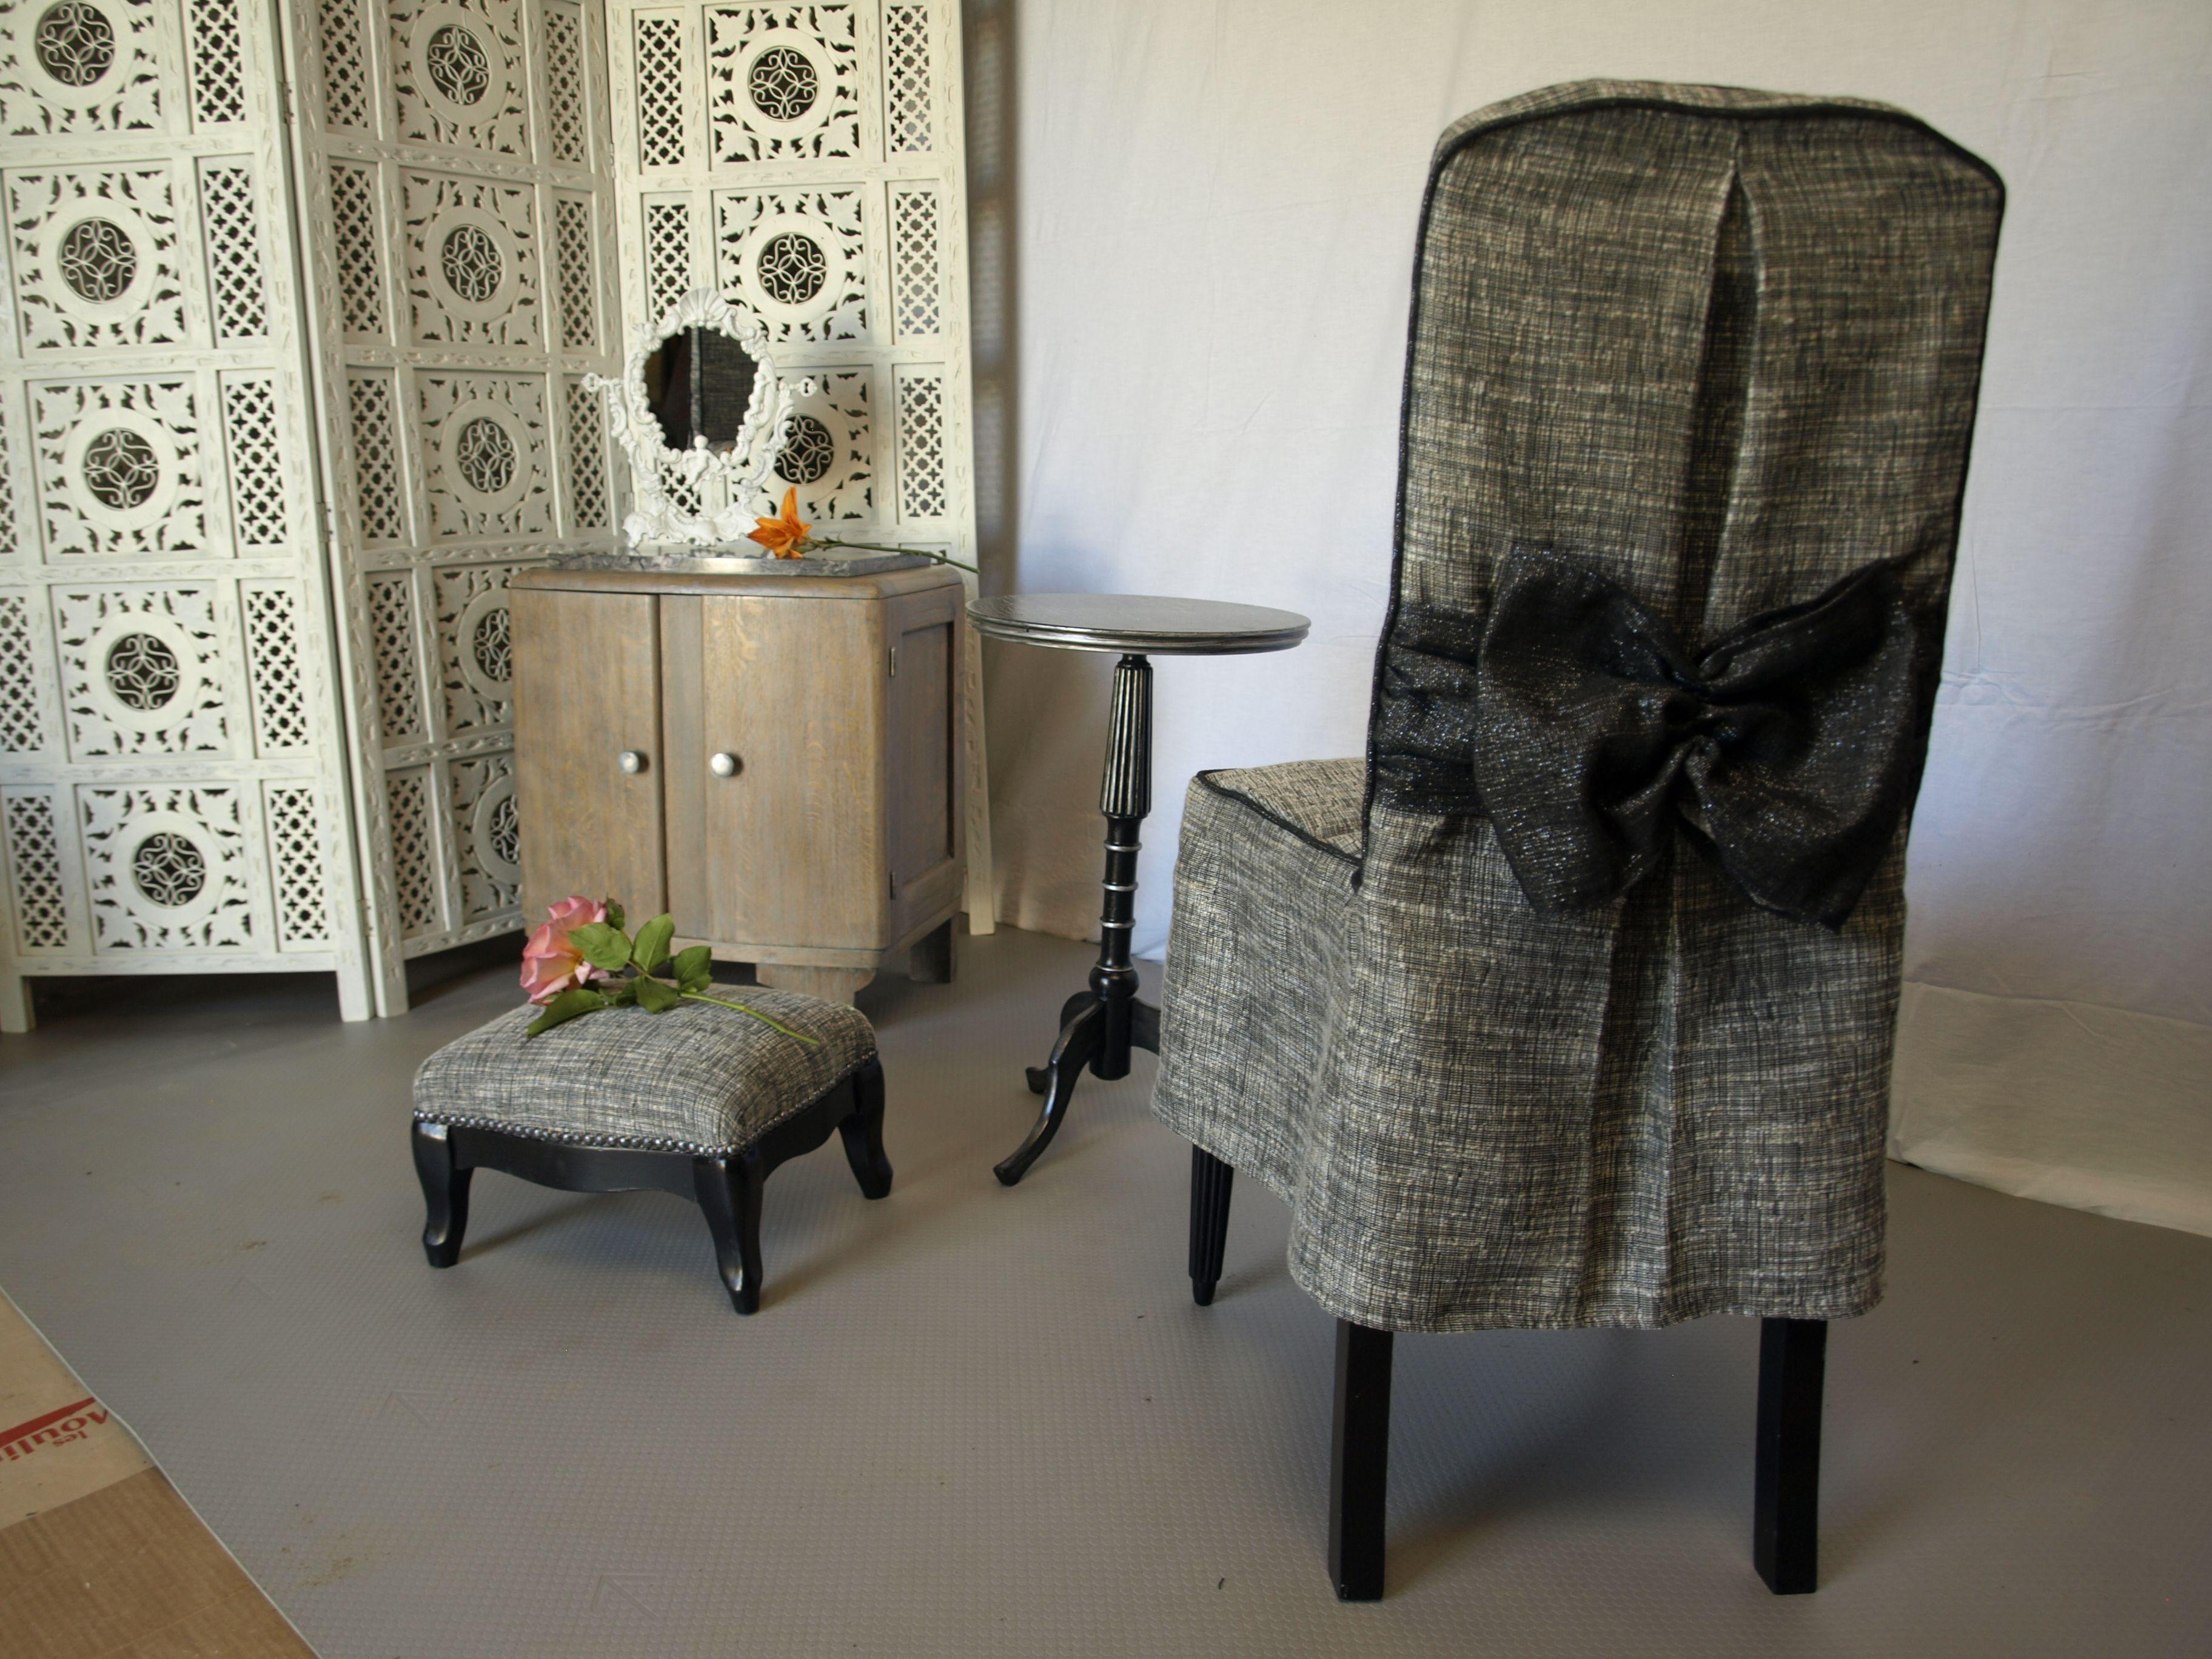 Habiller L Arrière D Un Meuble chaise habillée d'une housse molletonnée sur l'assise, plis